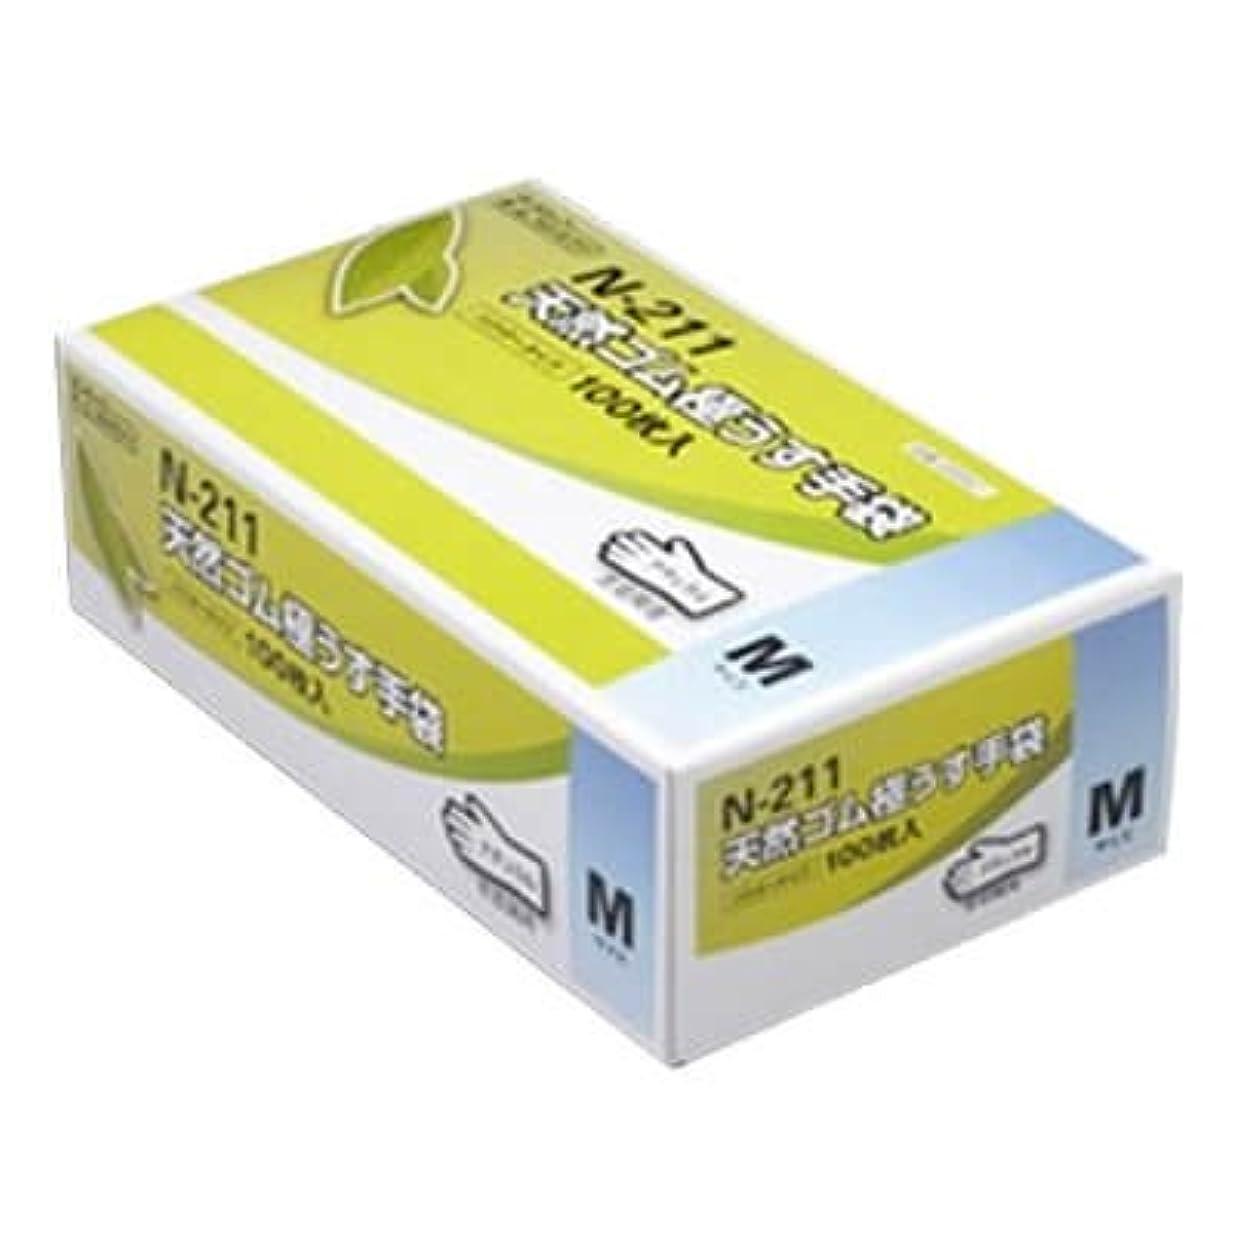 どれか尋ねるこねる【ケース販売】 ダンロップ 天然ゴム極うす手袋 N-211 M ナチュラル (100枚入×20箱)